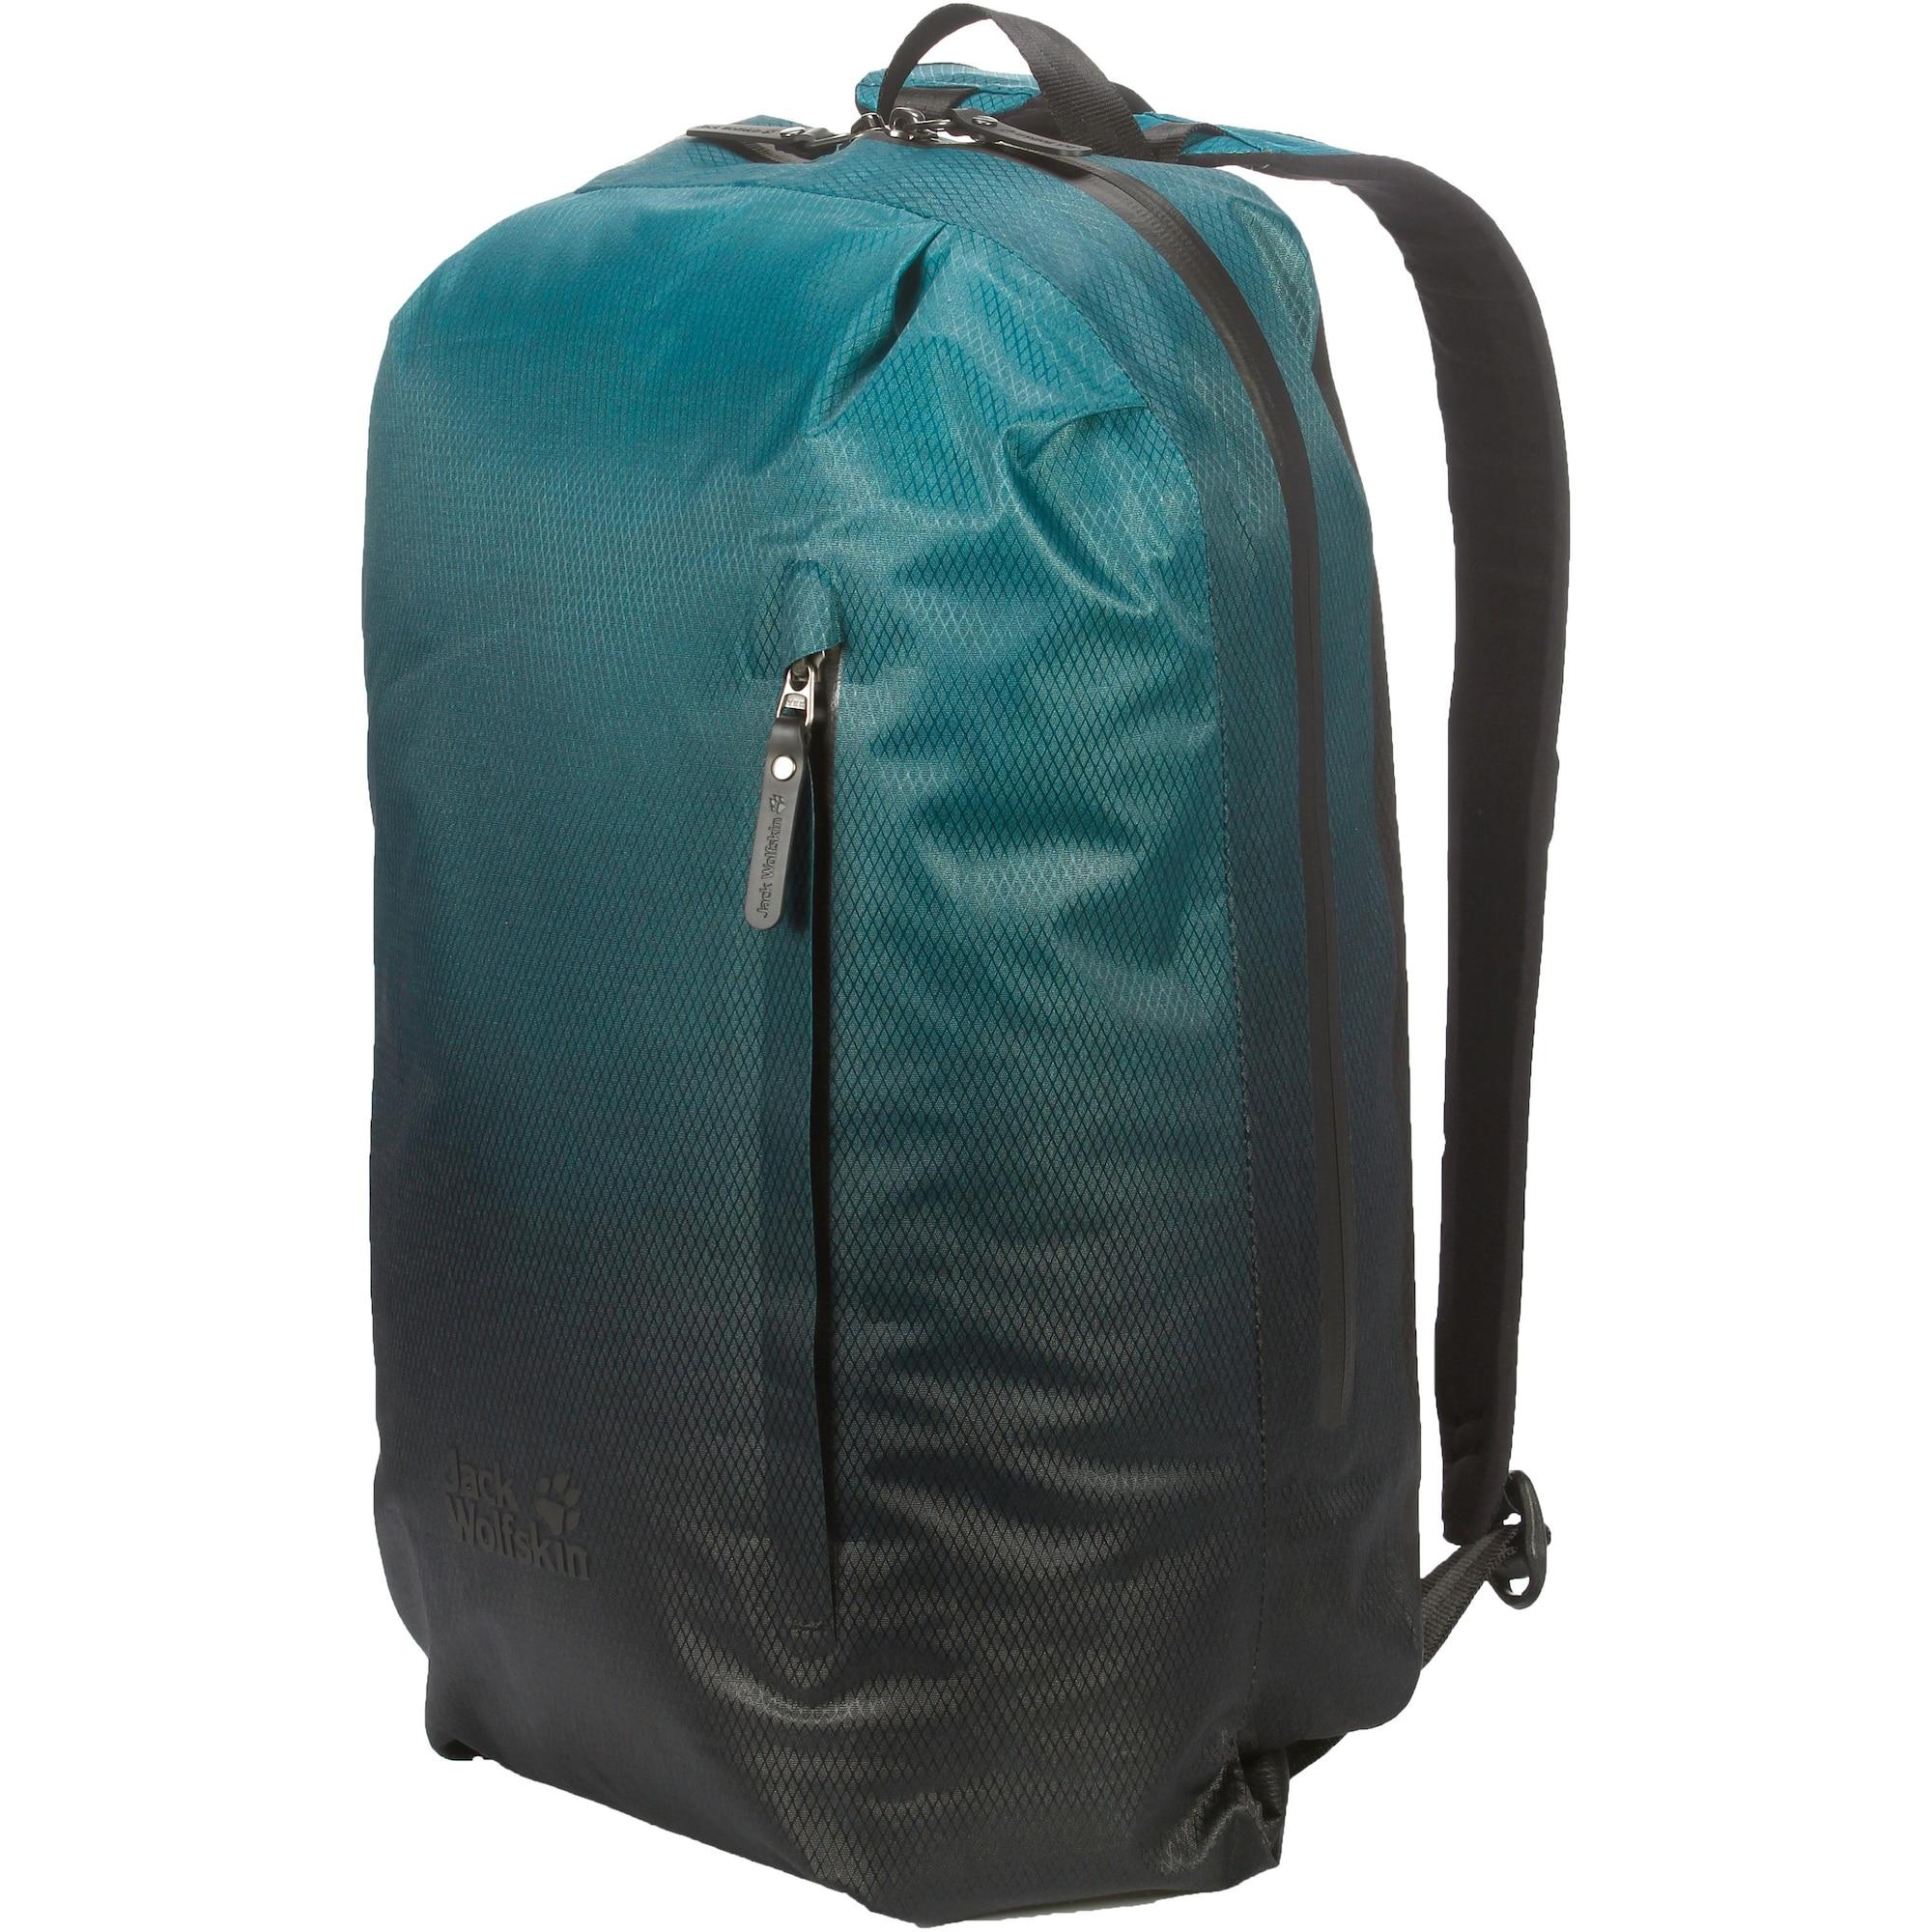 Daypack 'Aurora' | Taschen > Rucksäcke > Tagesrucksäcke | Jack Wolfskin